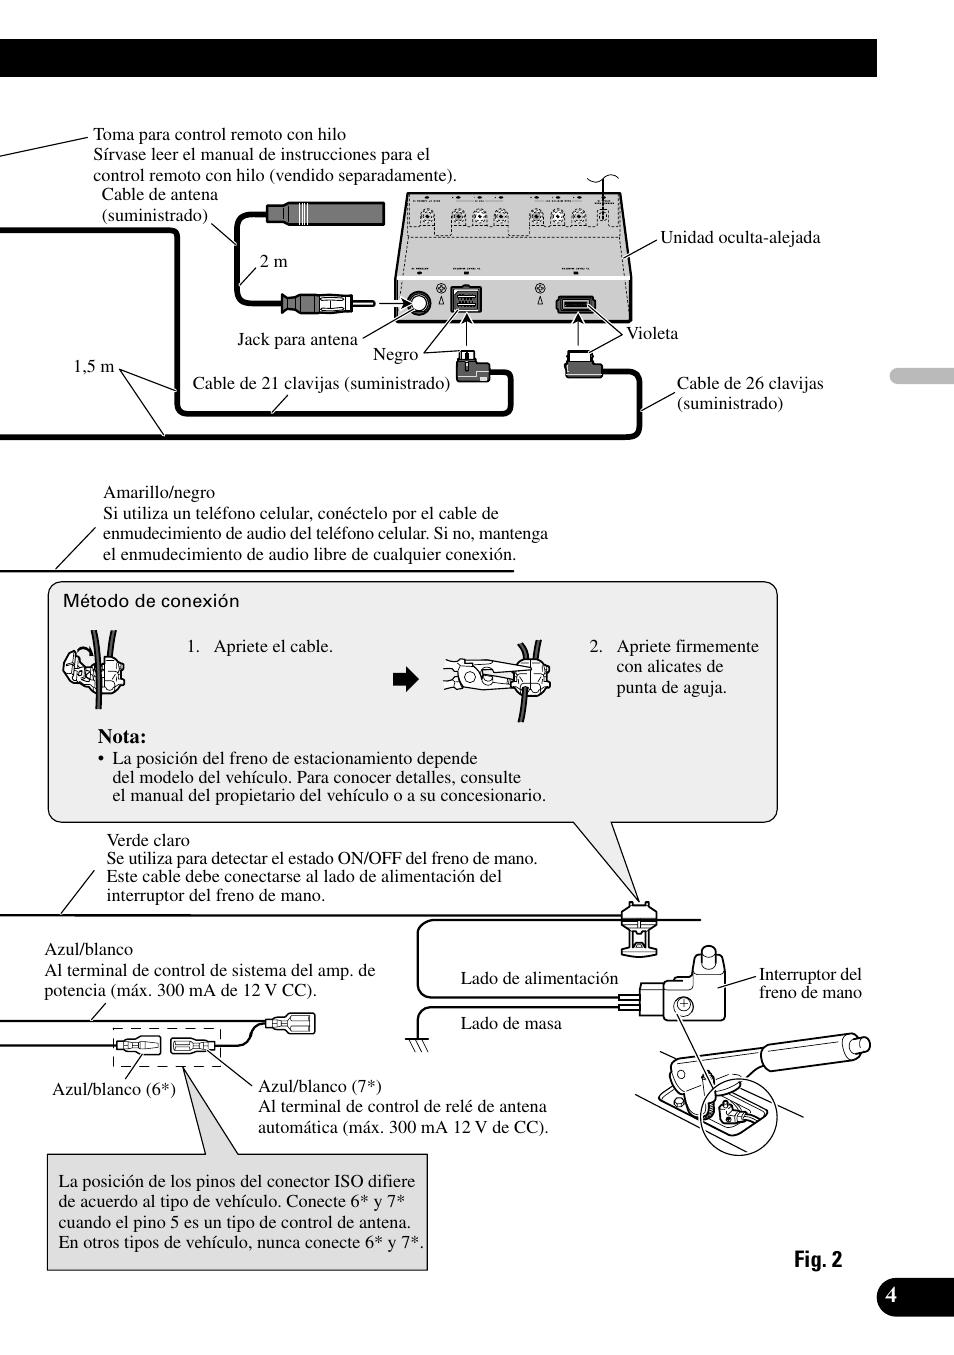 Pioneer AVH-P6600DVD User Manual | Page 19 / 85 | Original mode on